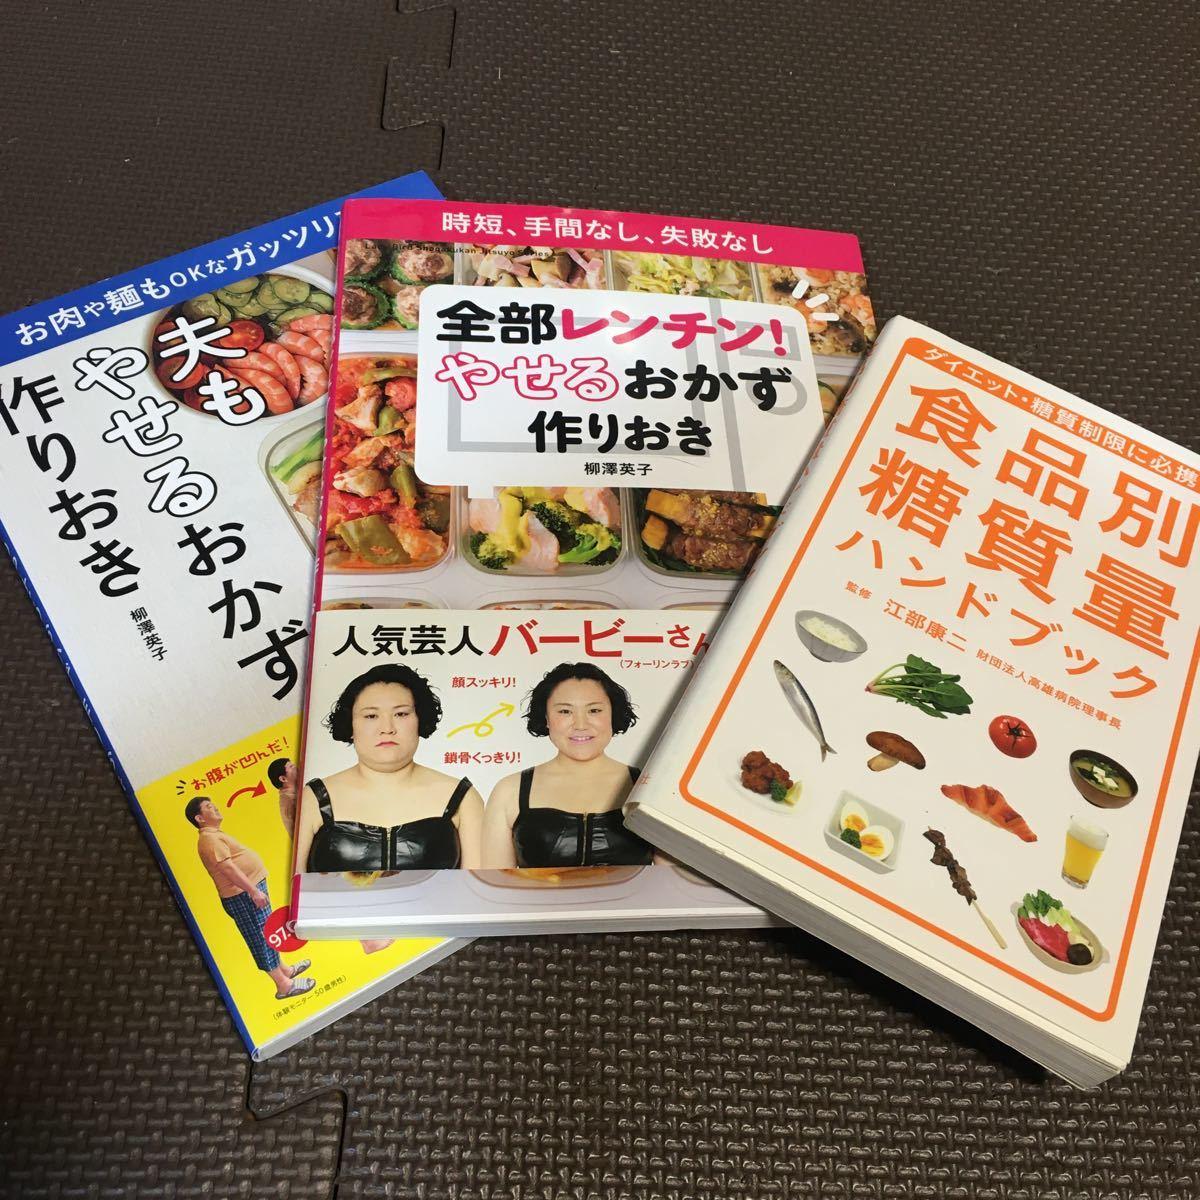 柳澤英子夫もやせるおかず作りおき全部レンチンやせる作りおき食品別糖質量3冊